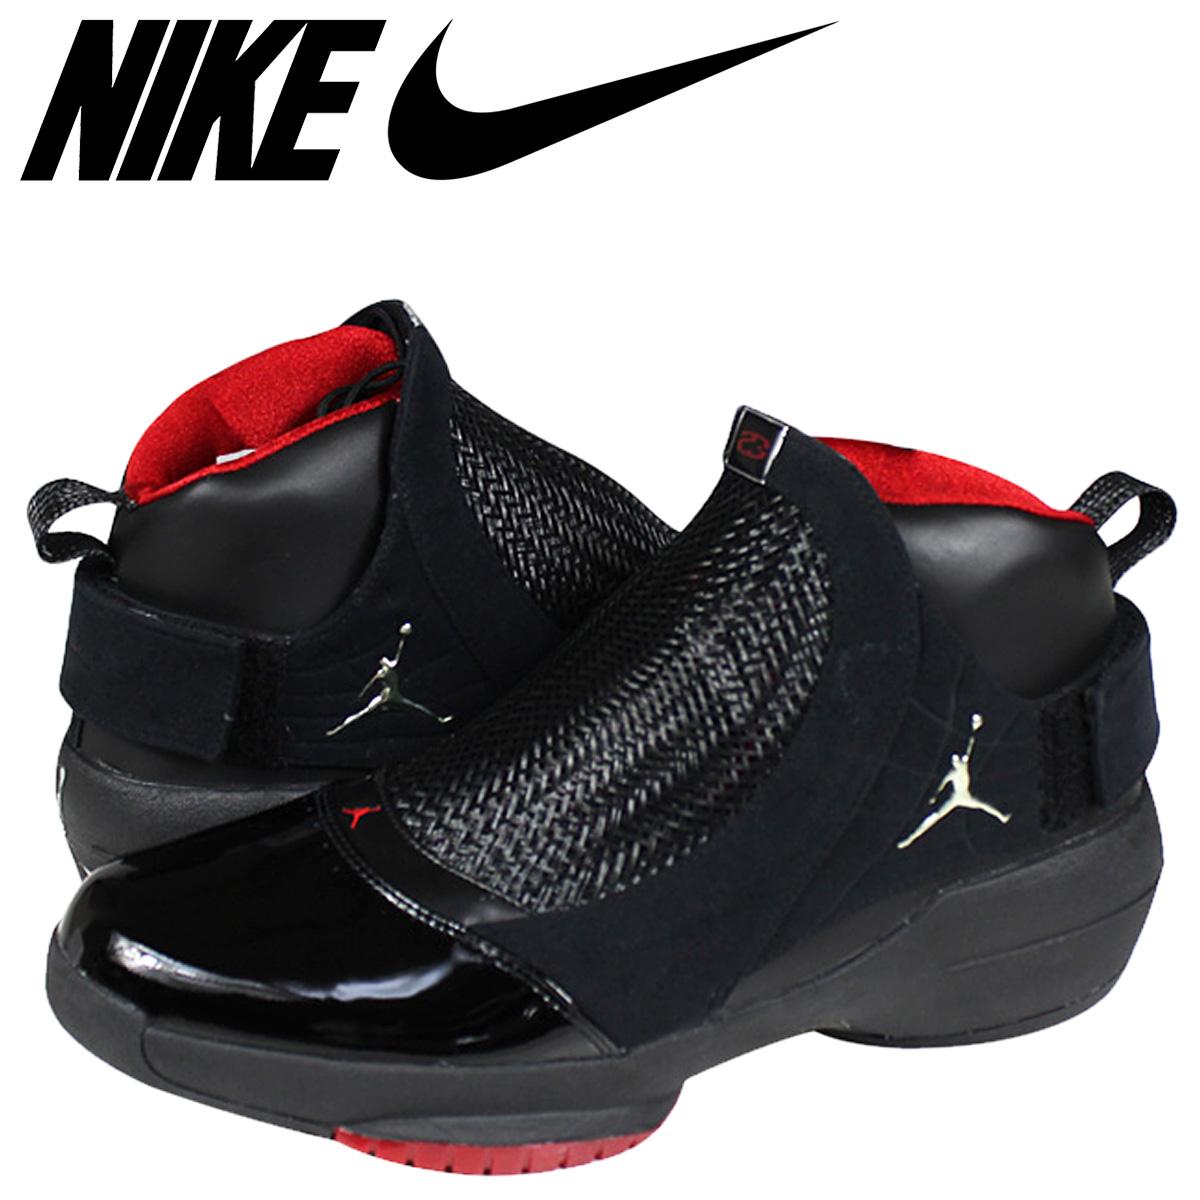 taille 40 b58d9 1e90c [SOLD OUT] Nike NIKE Air Jordan sneakers AIR JORDAN 19 Air Jordan 19  307546-061 black mens